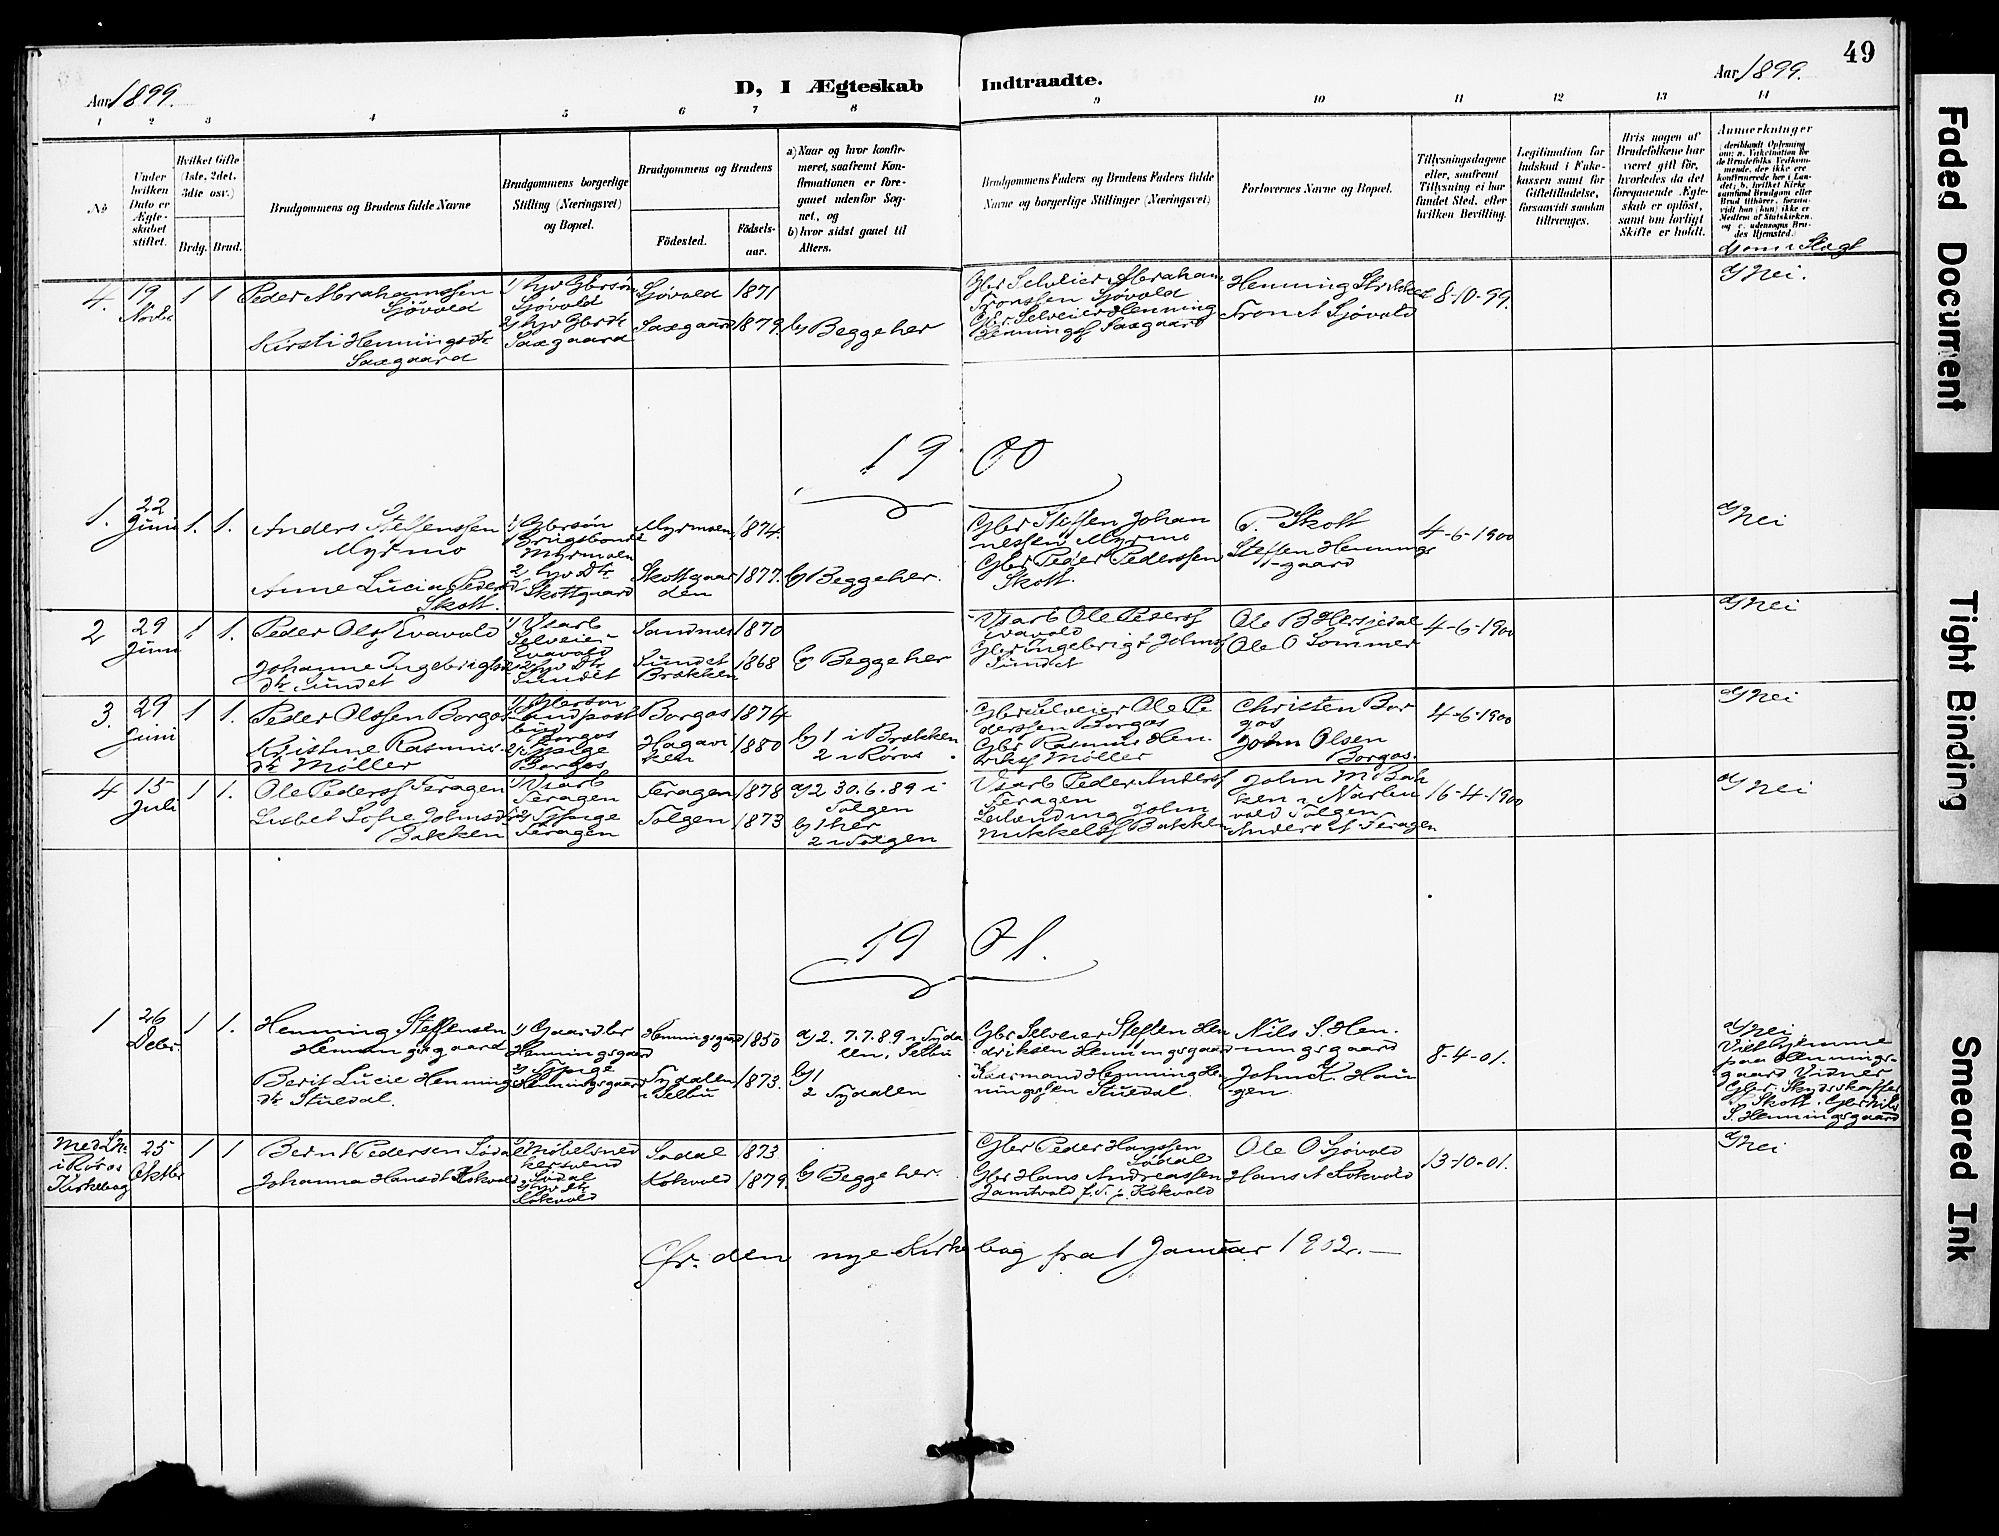 SAT, Ministerialprotokoller, klokkerbøker og fødselsregistre - Sør-Trøndelag, 683/L0948: Ministerialbok nr. 683A01, 1891-1902, s. 49